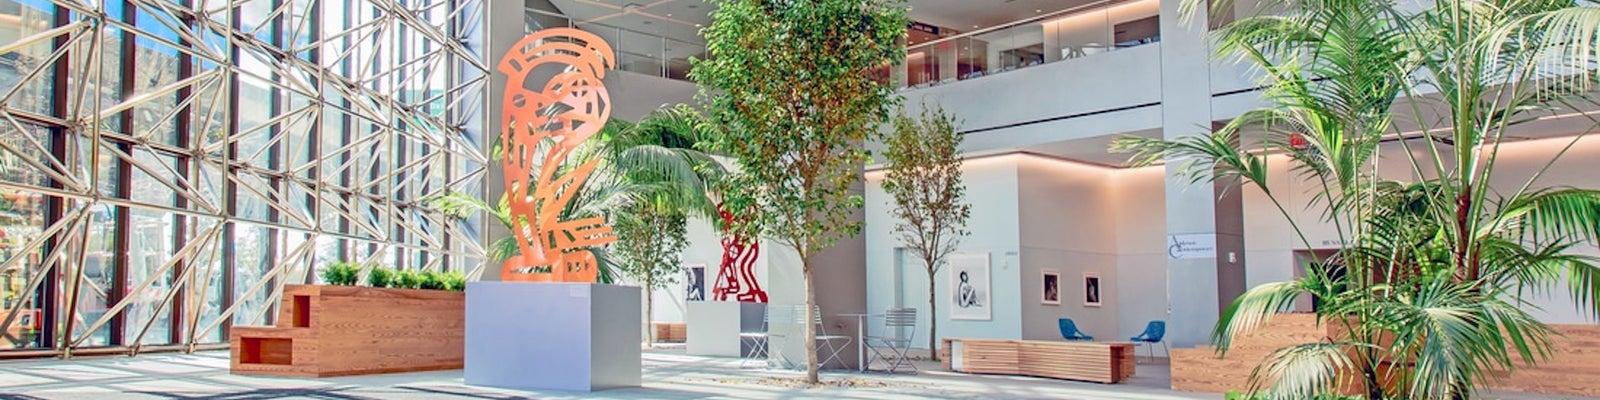 Anderson Contemporary